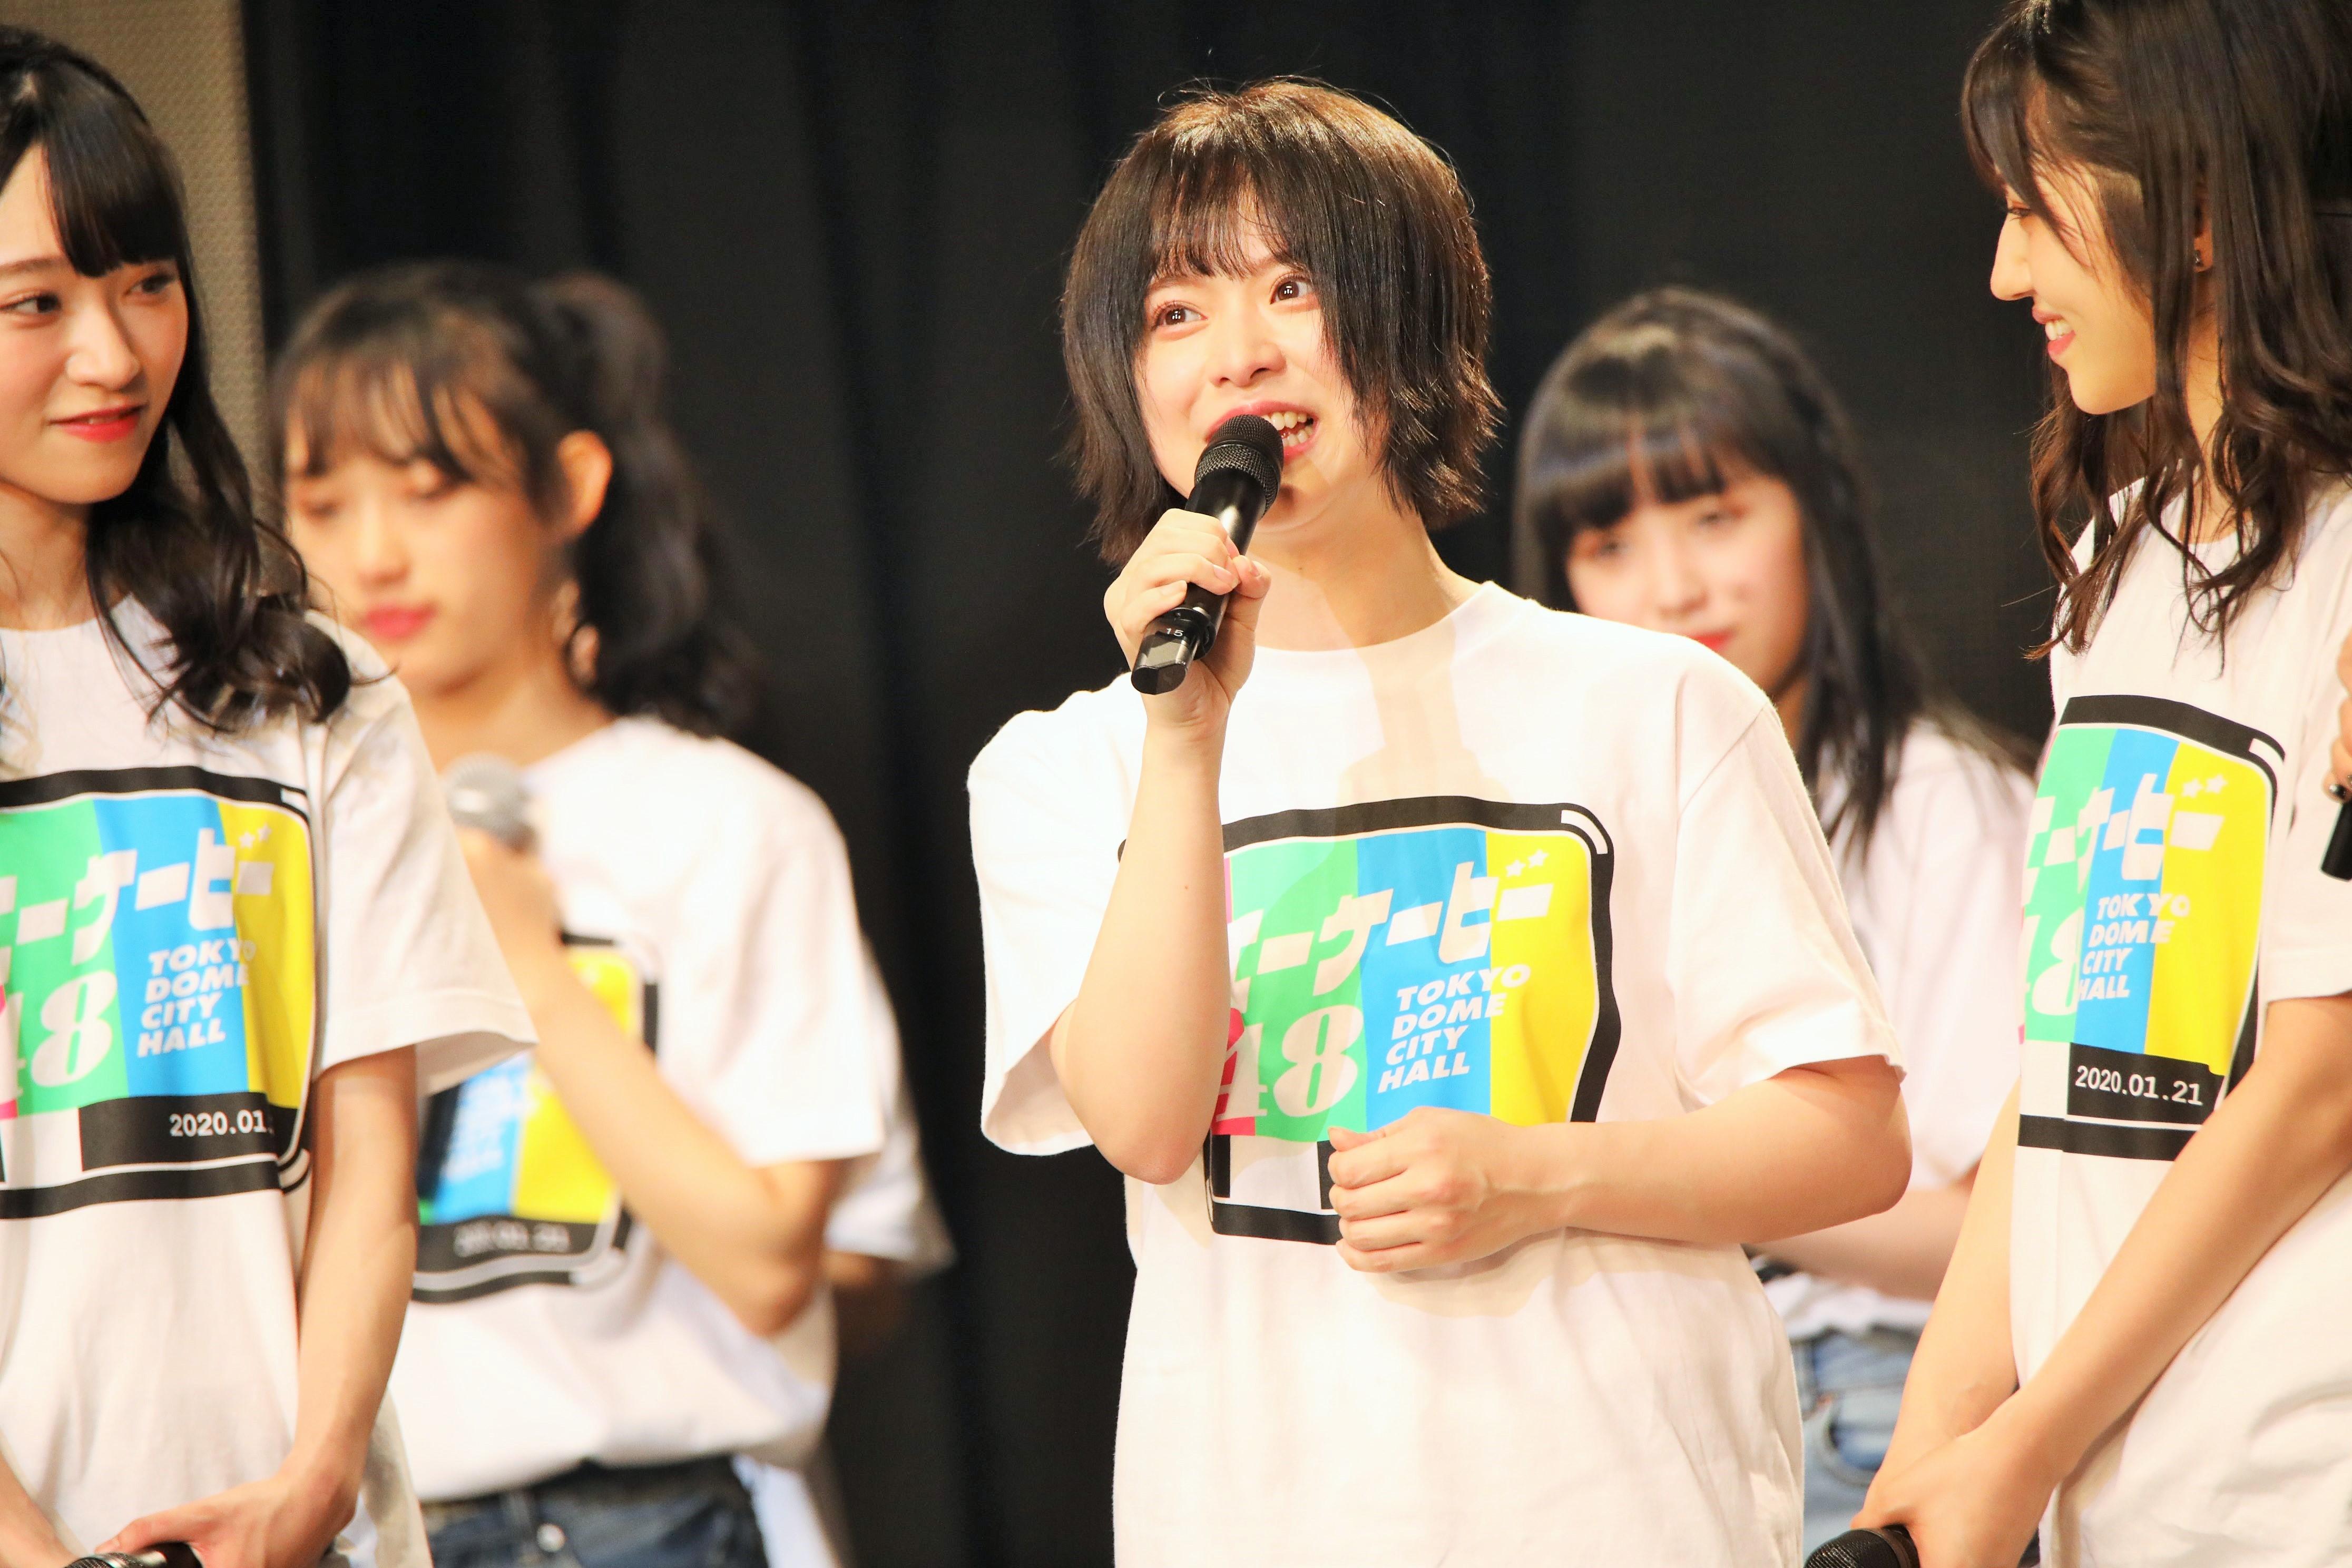 倉野尾成美「3月の熊本公演も神奈川公演に繋がるような素敵な公演にしたいです」